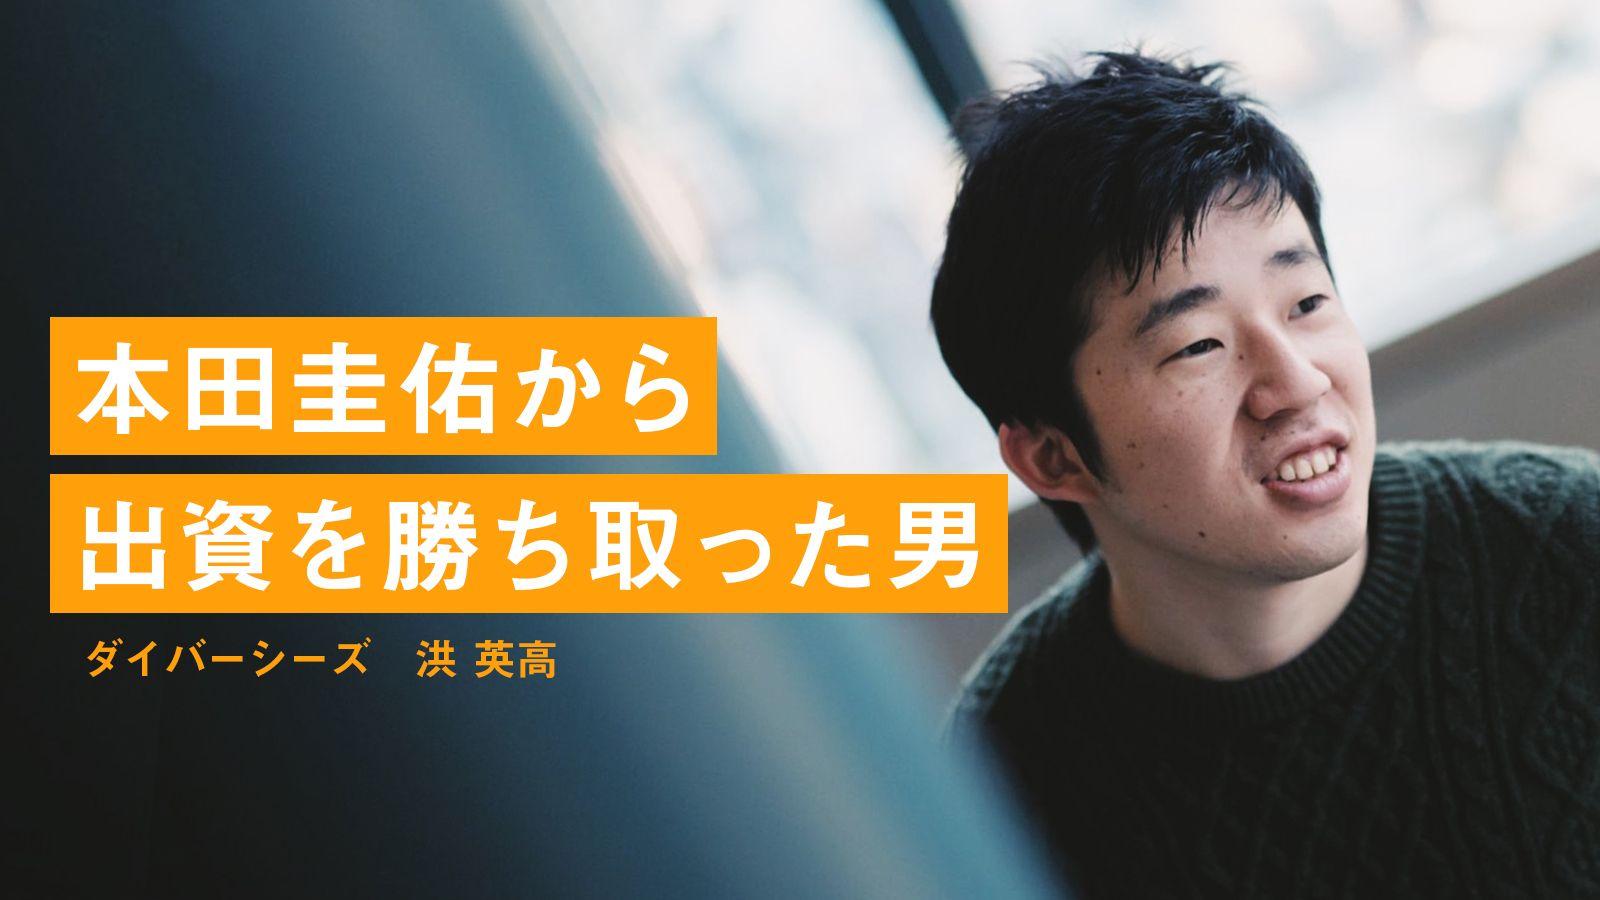 本田圭佑と夢を分かち合った25歳。『Homii』リリースまでの道のり